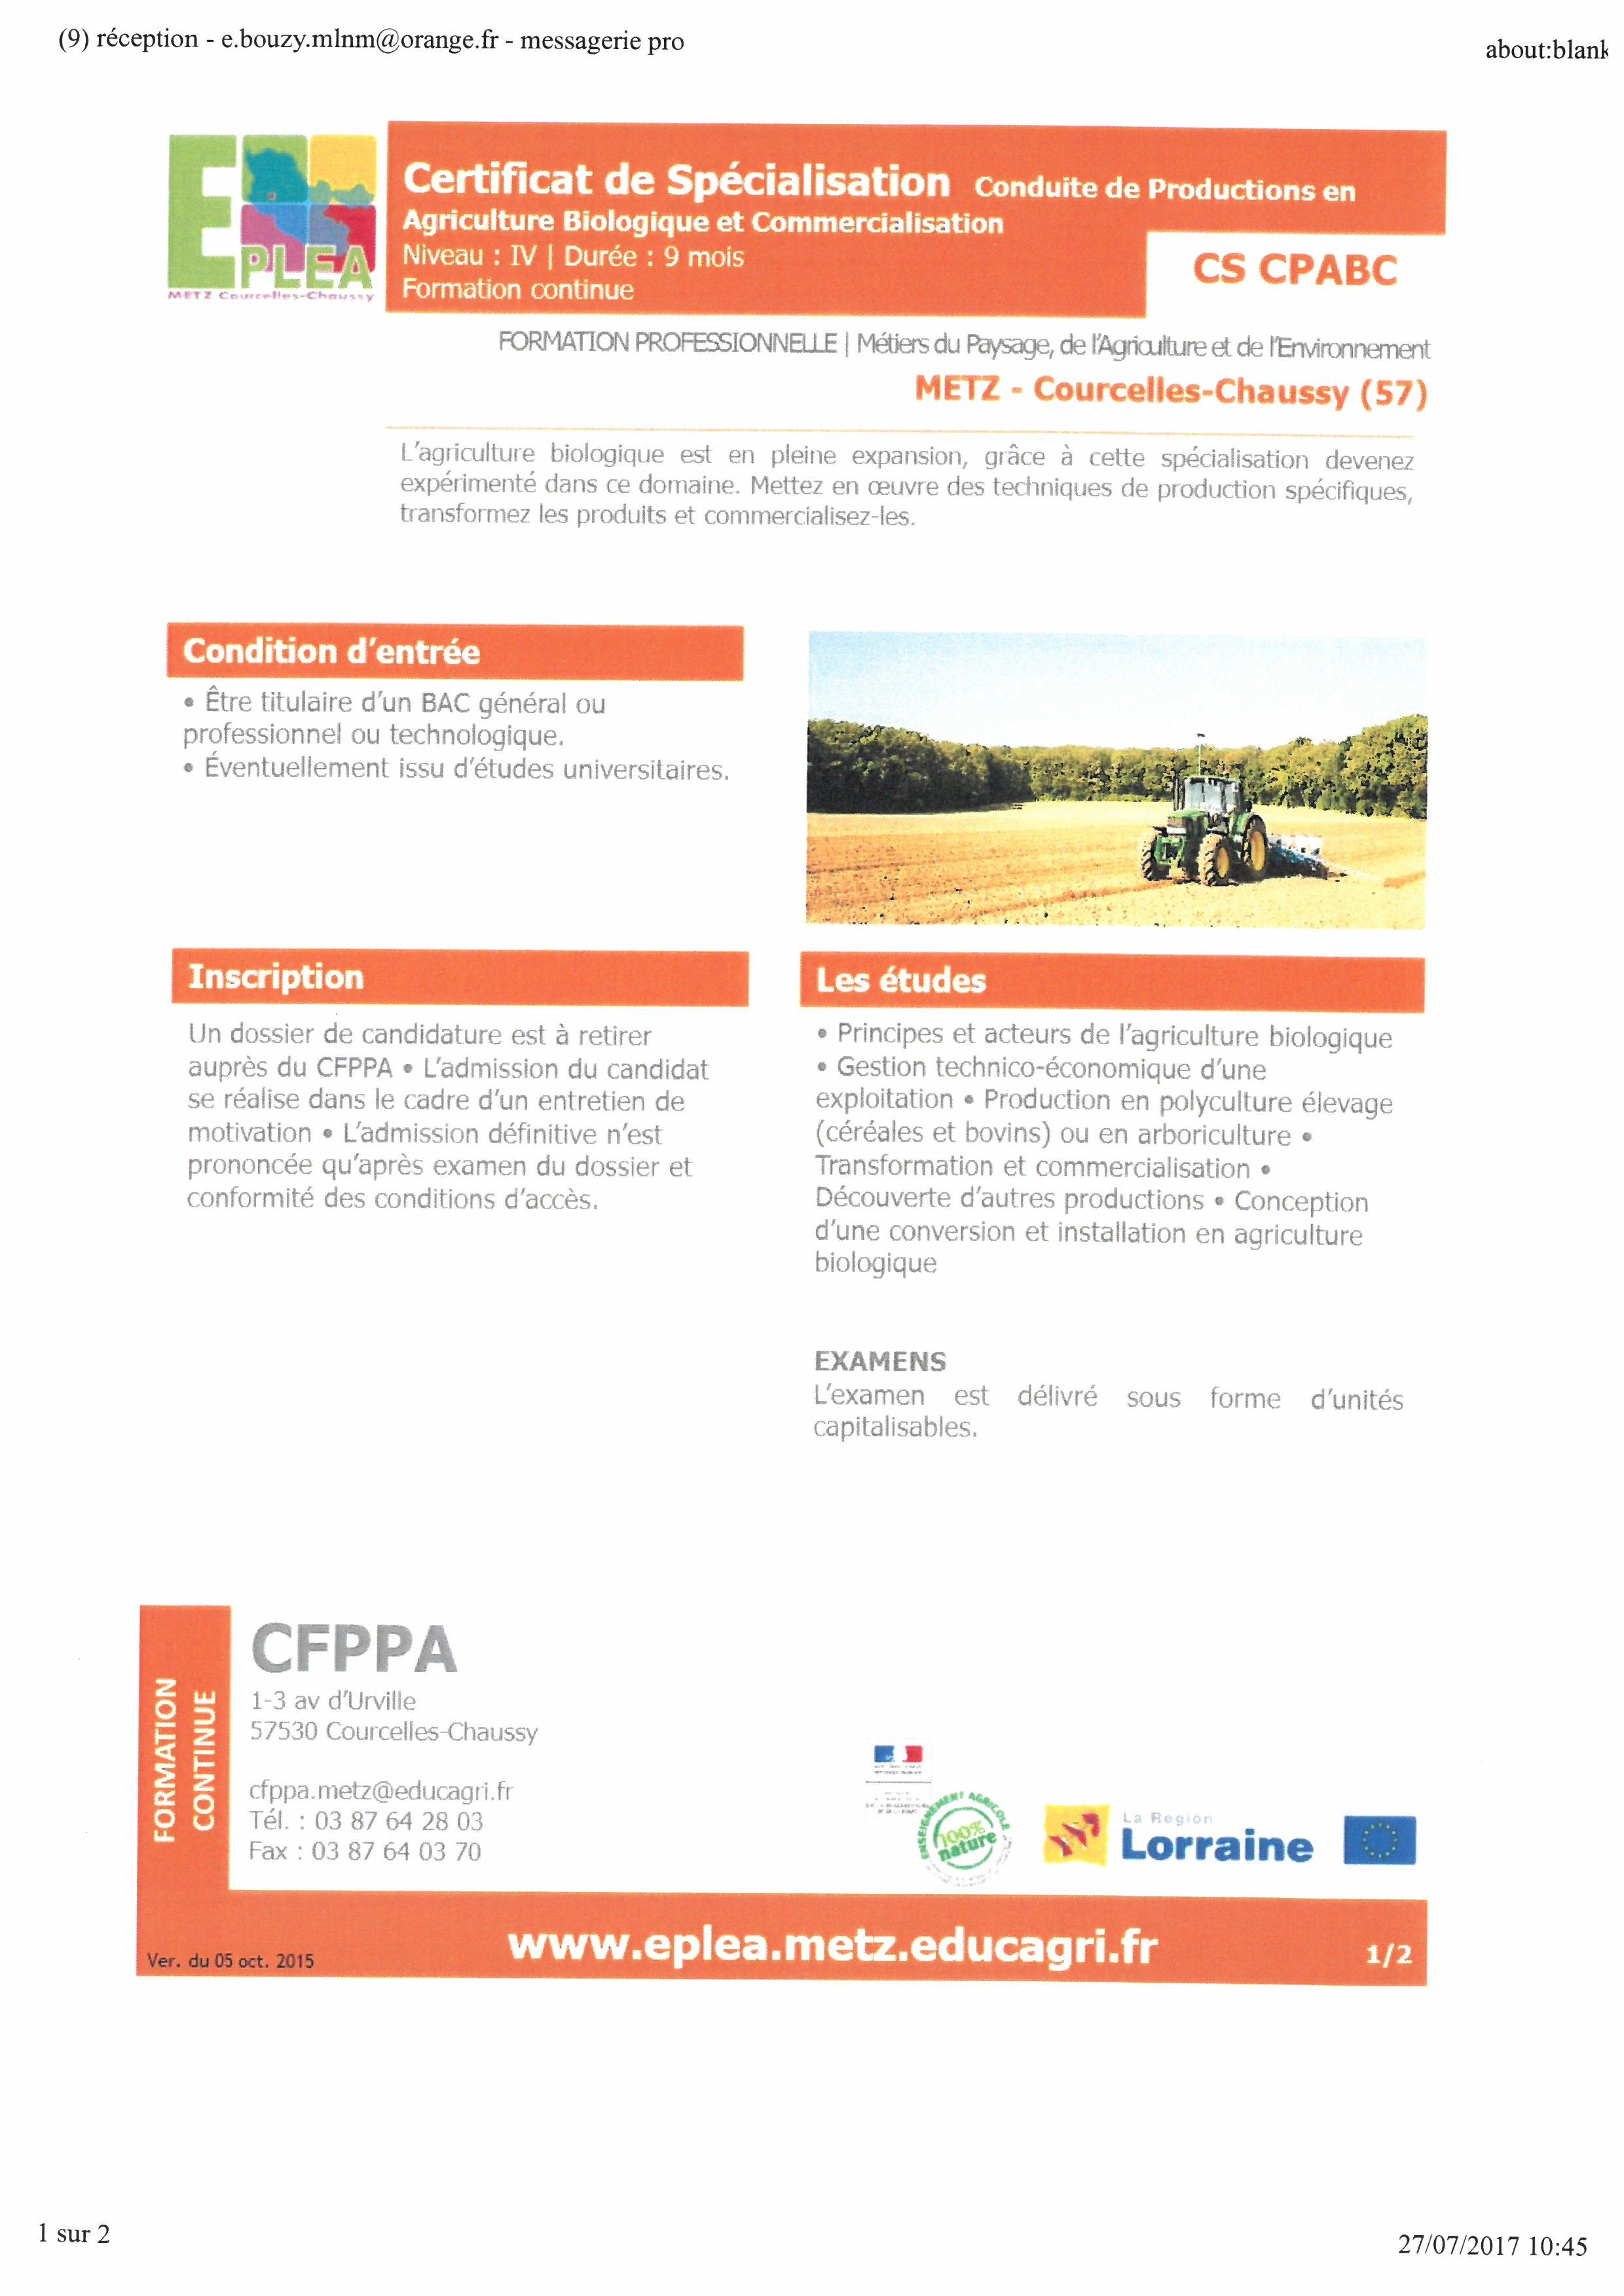 Certification de spécialisation conduite de productions en agriculture biologique et commercialisation